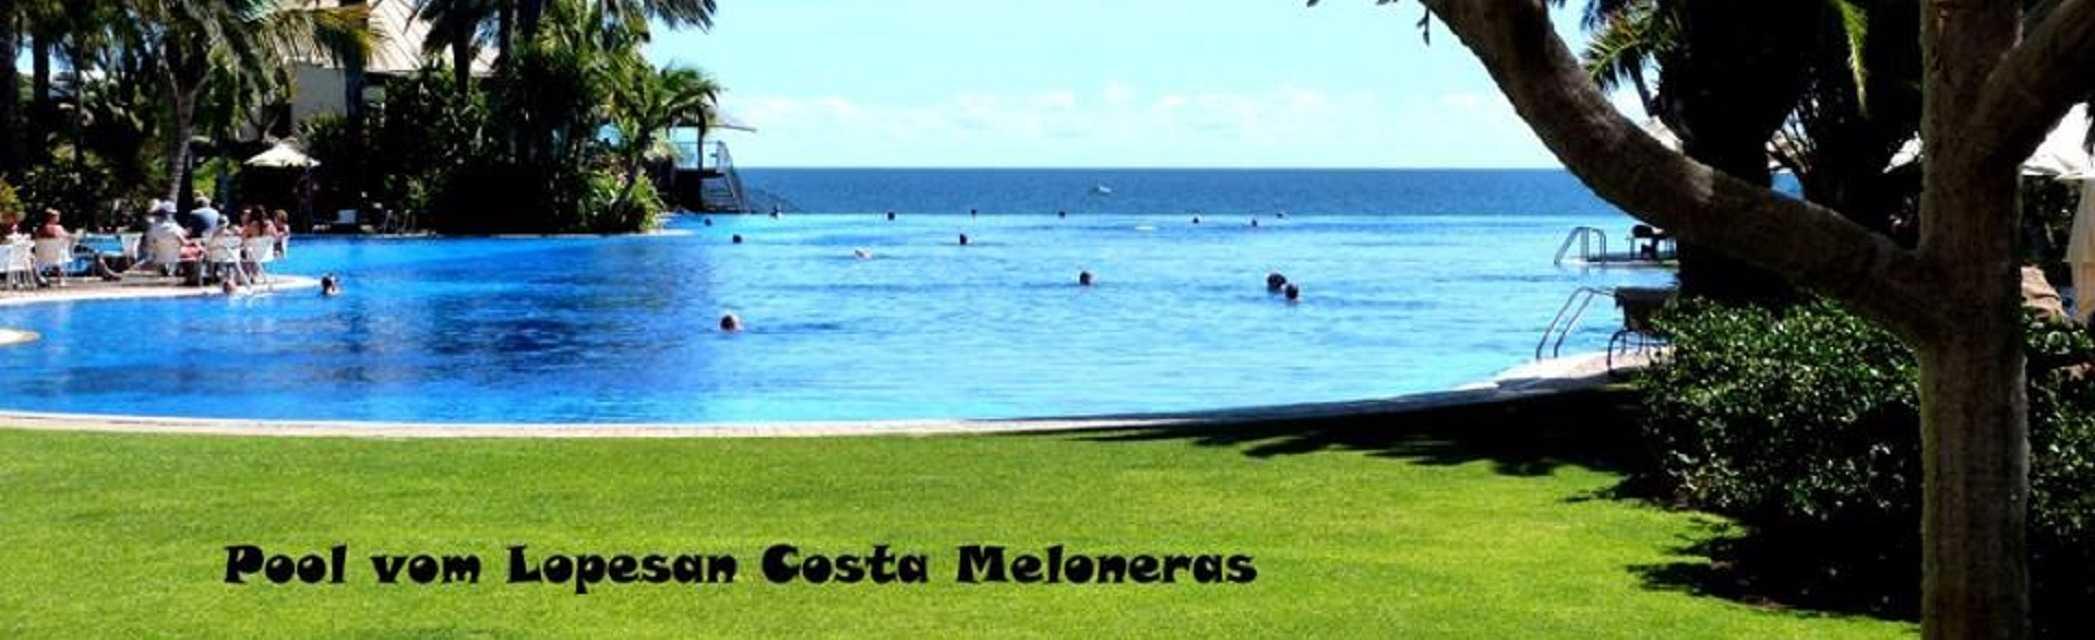 hotel lopesan costa meloneras resort corallium spa & casino tui